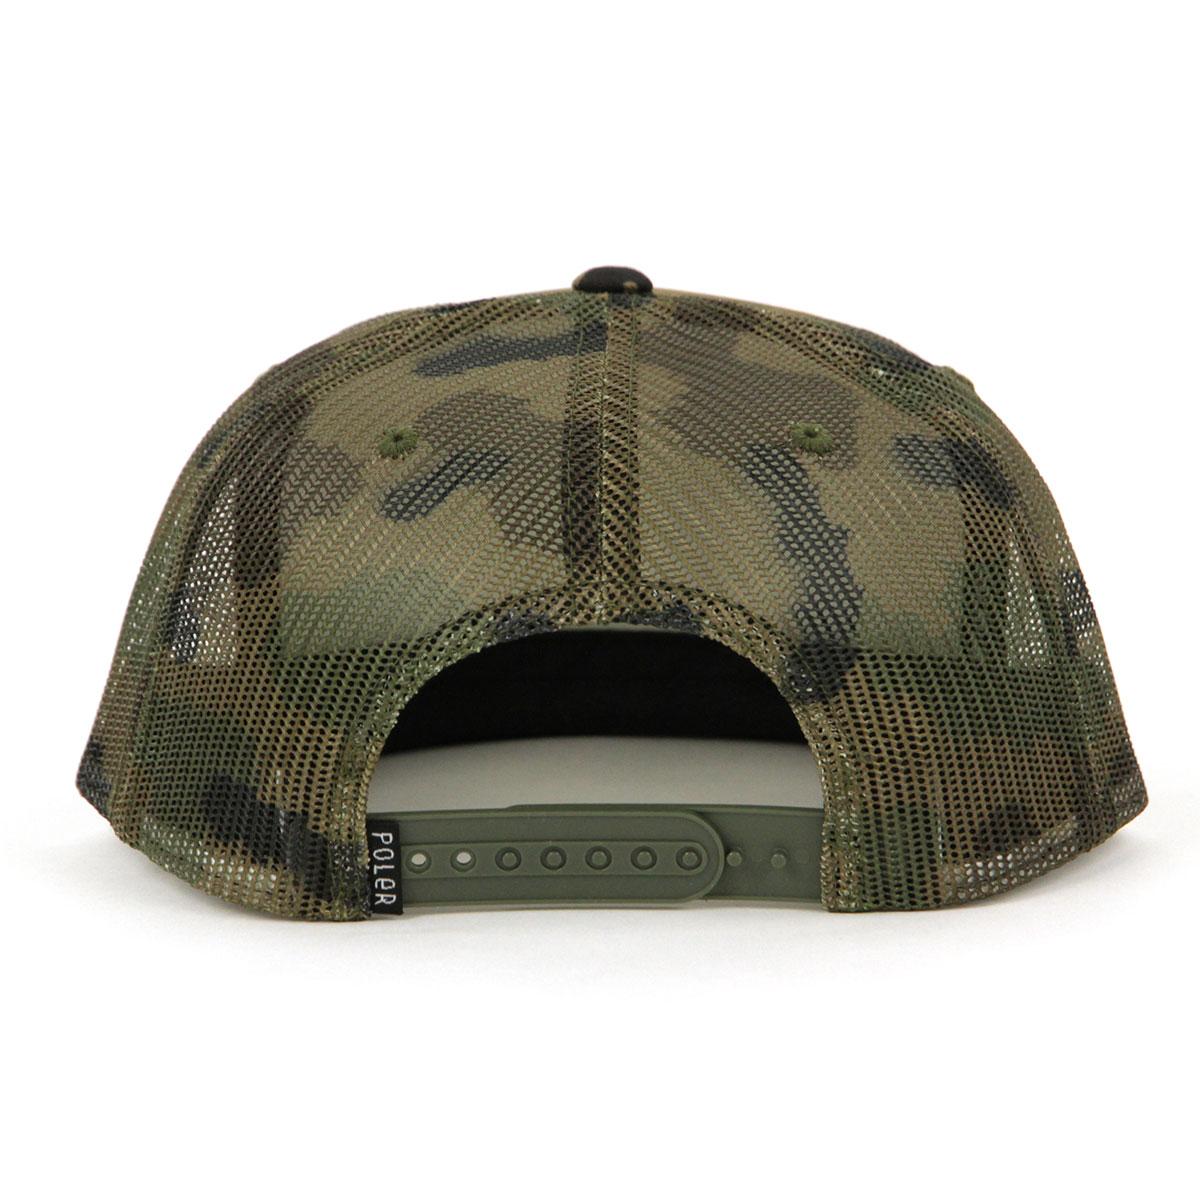 ポーラー POLER 正規販売店 キャップ 帽子 VENN DIAGRAM MESH TRUKER CAP 55300006-CAM CAMO A79B B3C C3D D4E E08F